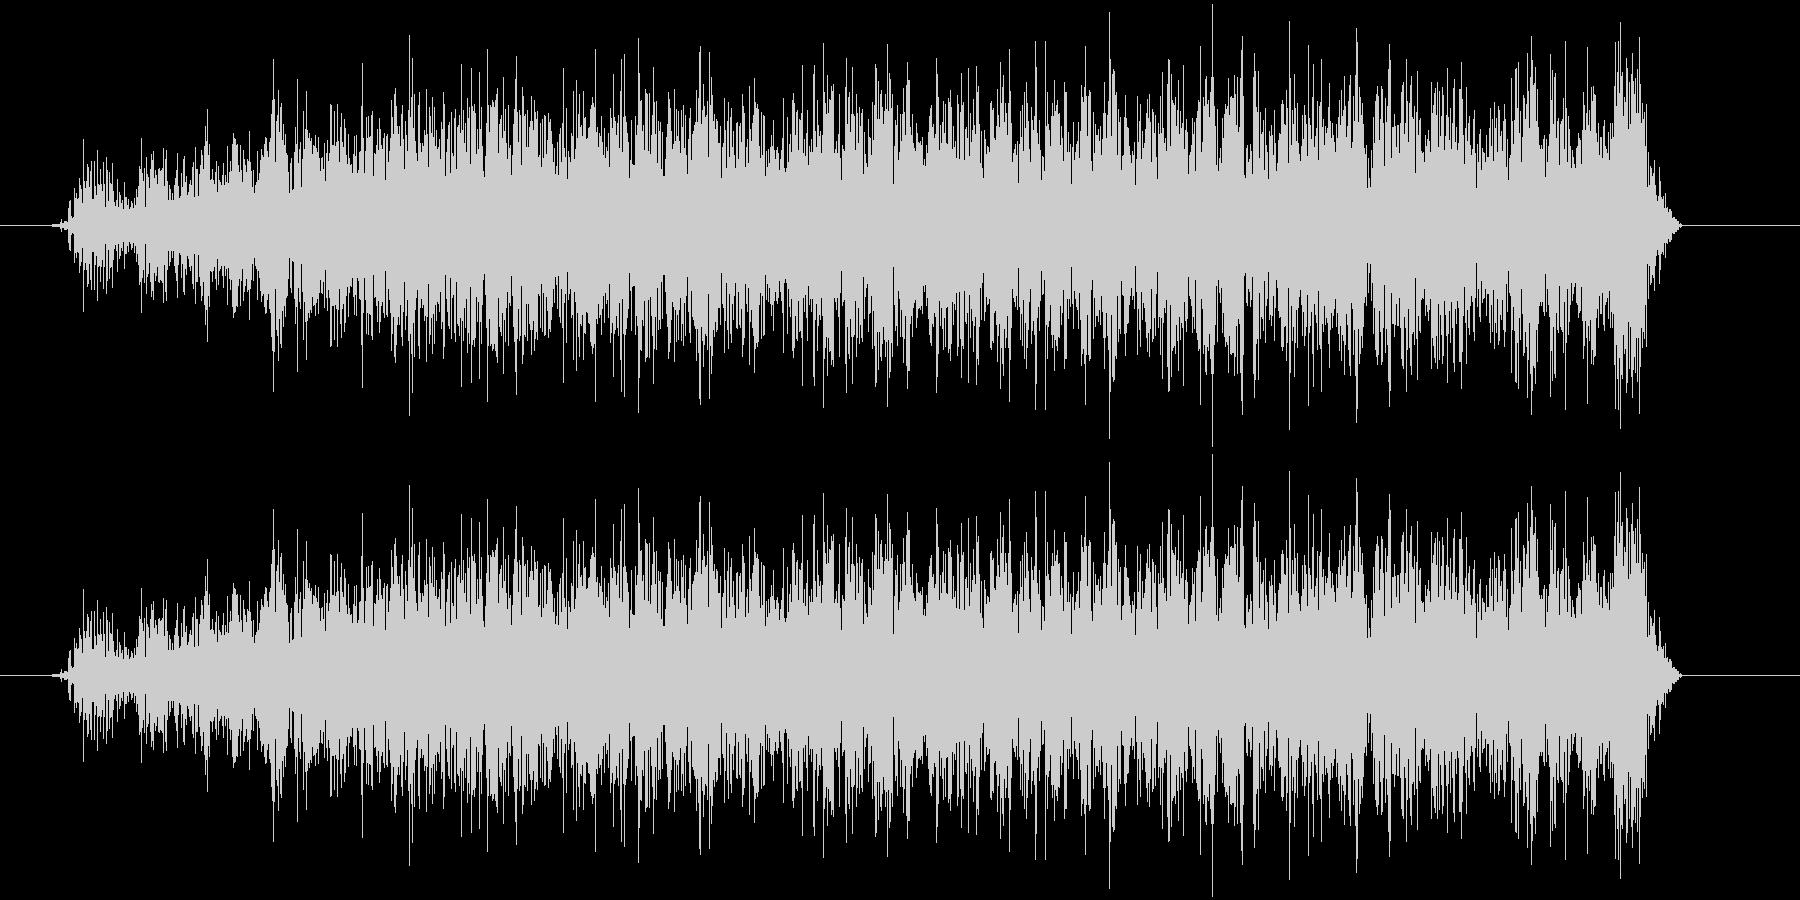 ウィーーン(モーター)の未再生の波形